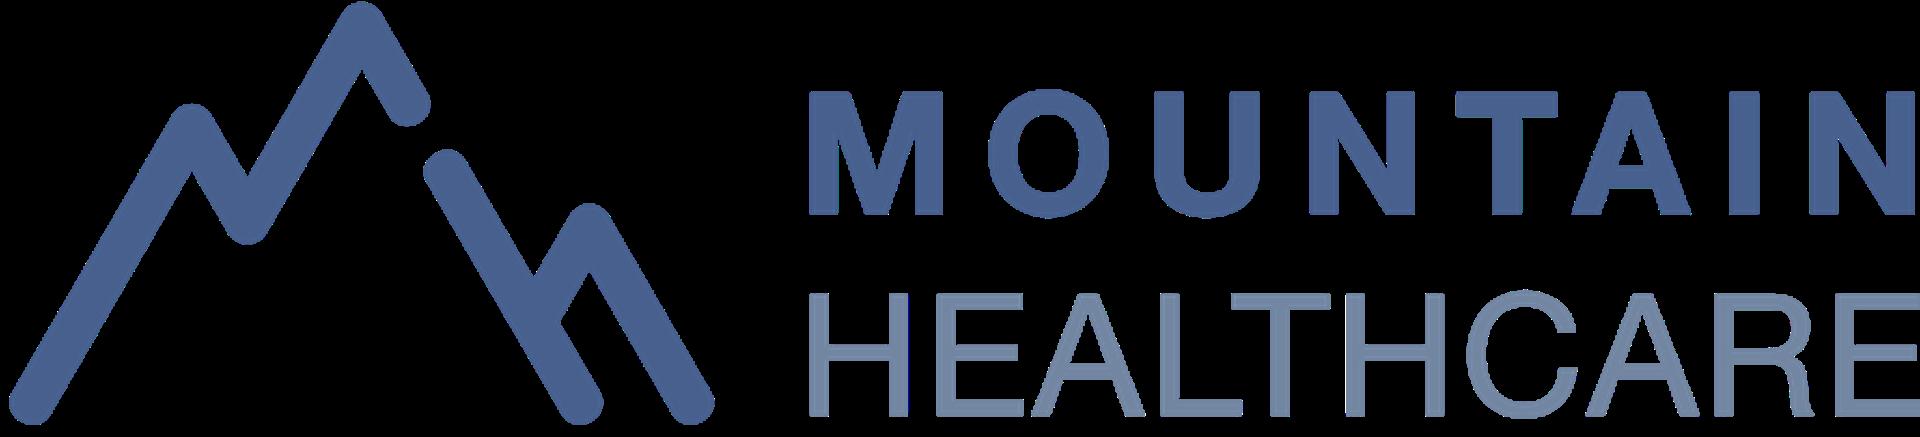 Mountain Healthcare